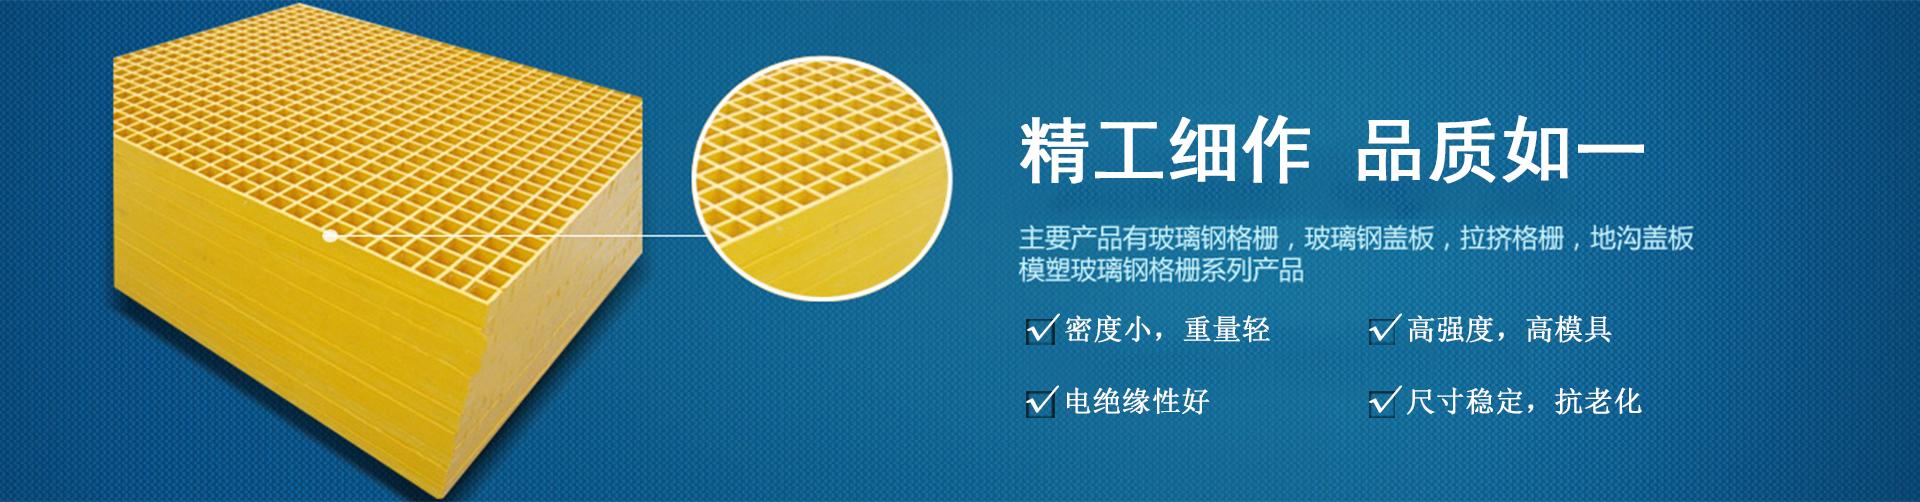 化工格栅盖板,化工平台格子板,污水池盖板